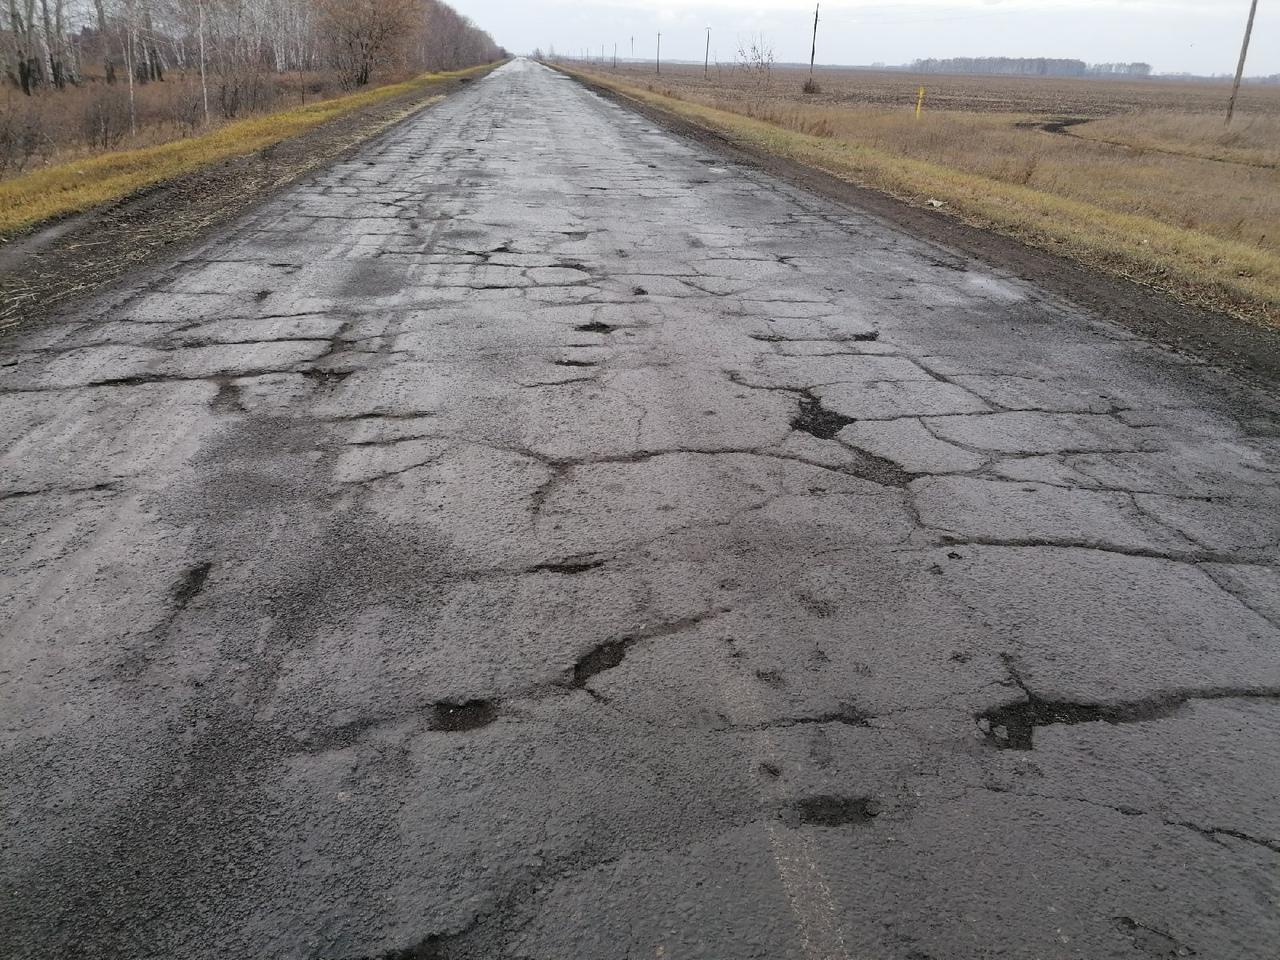 Дорогу из Тары в Тобольск начнут строить после 2025 года #Омск #Общество #Сегодня